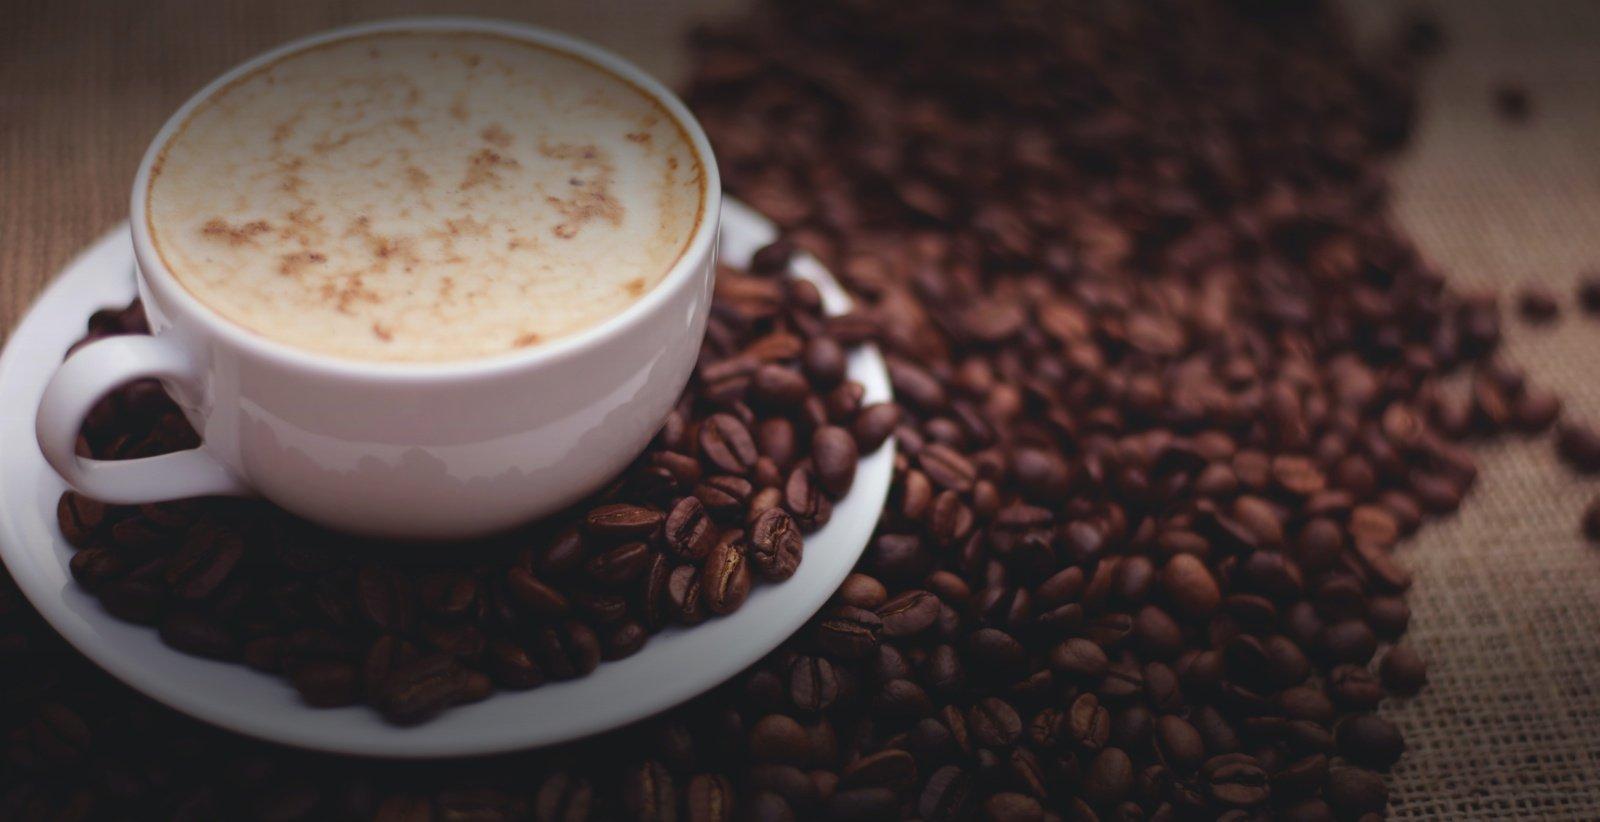 Kavos atsisakymas – iššūkis organizmui: kas atsitinka, kai nustojate ją vartoti?